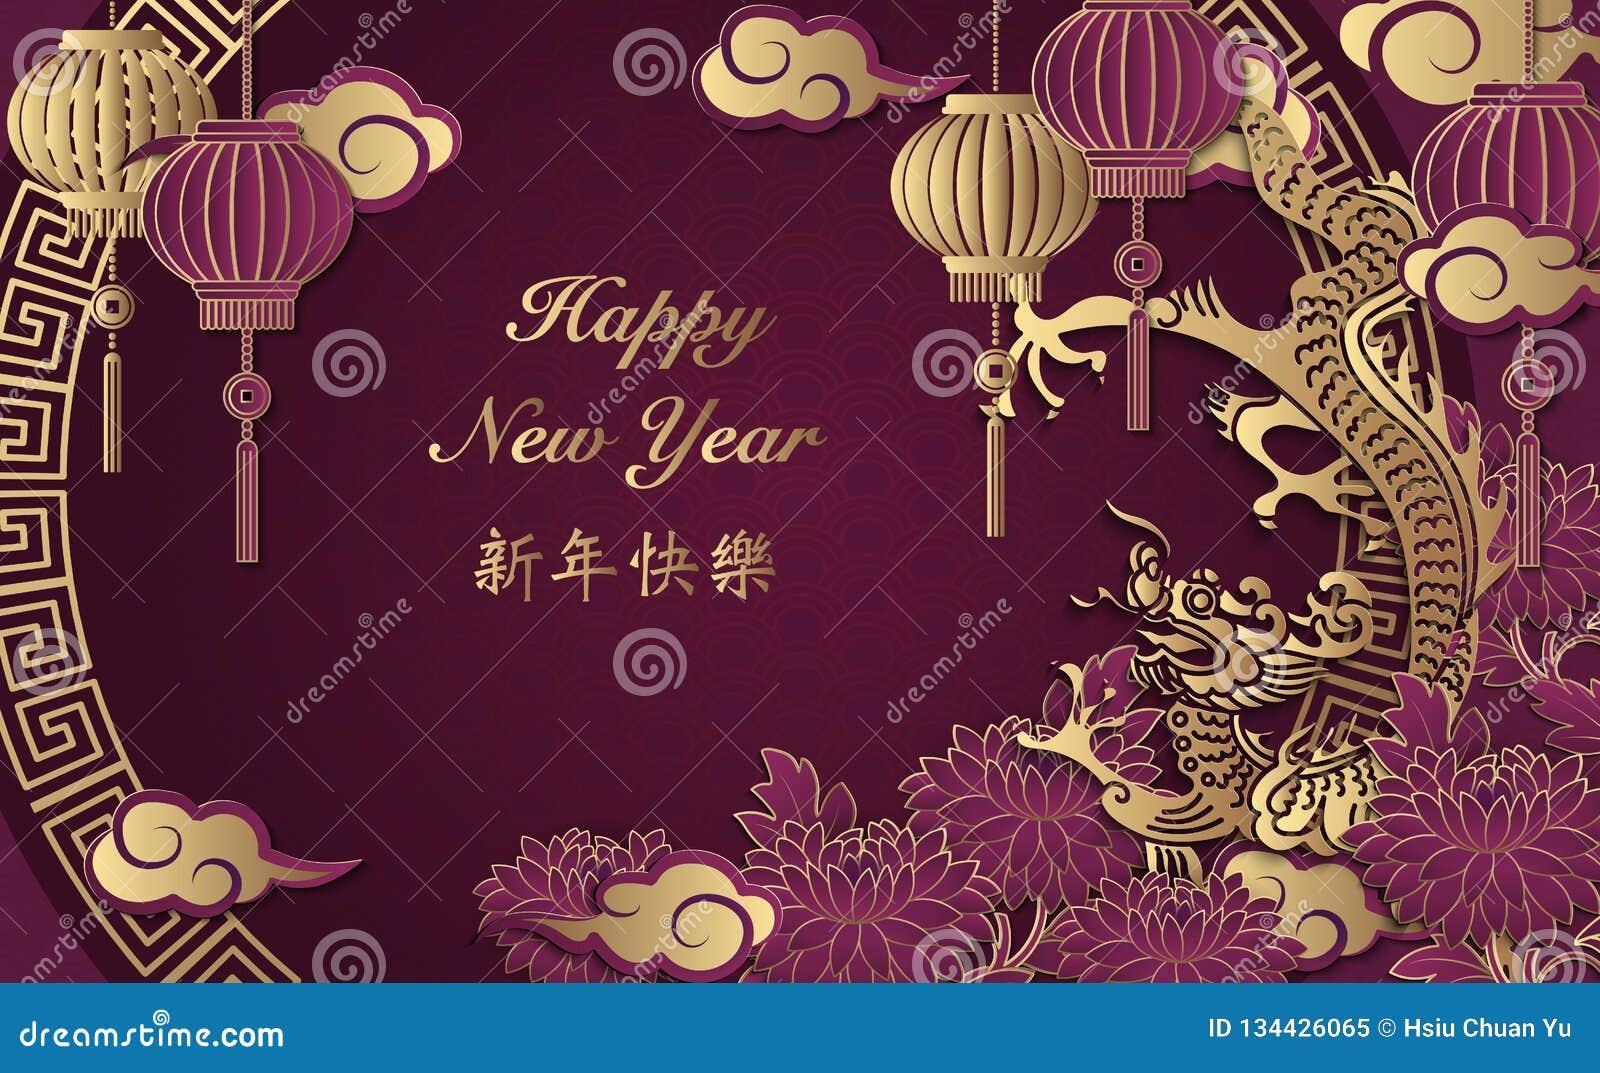 Nuvem retro chinesa feliz da lanterna da flor do dragão do relevo do ouro do ano novo e quadro redondo do tracery da estrutura